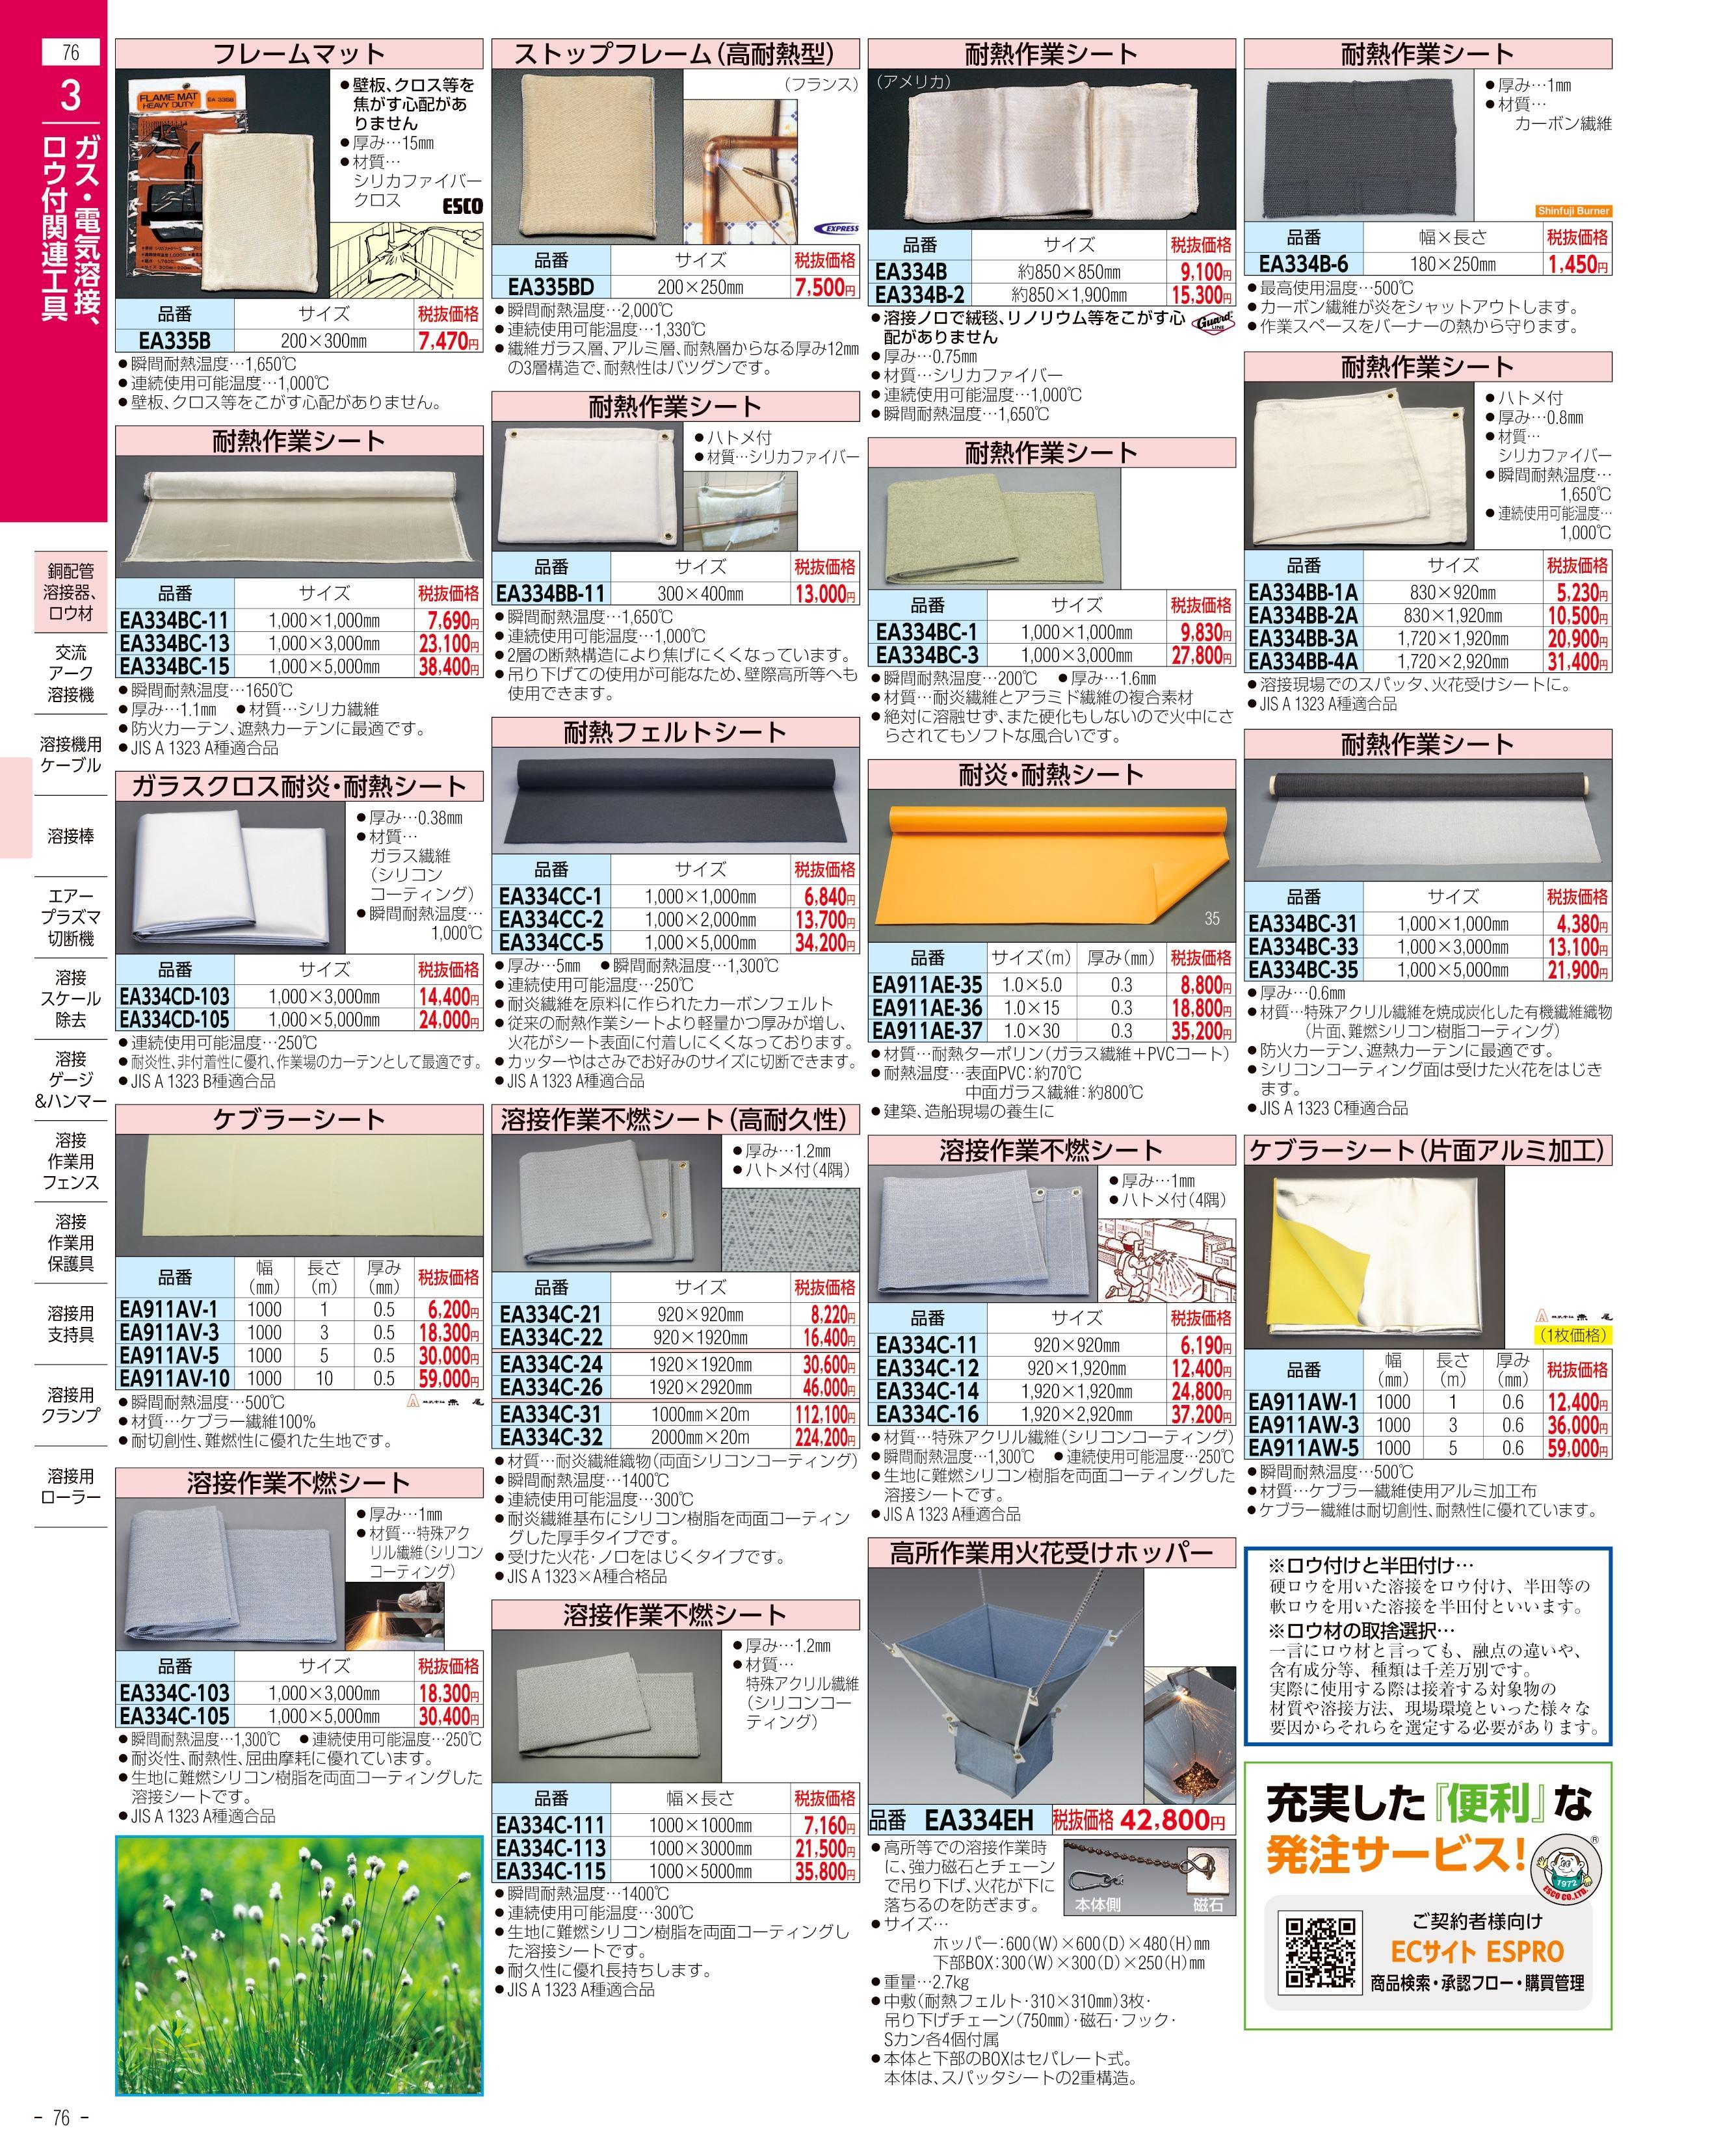 エスコ便利カタログ76ページ